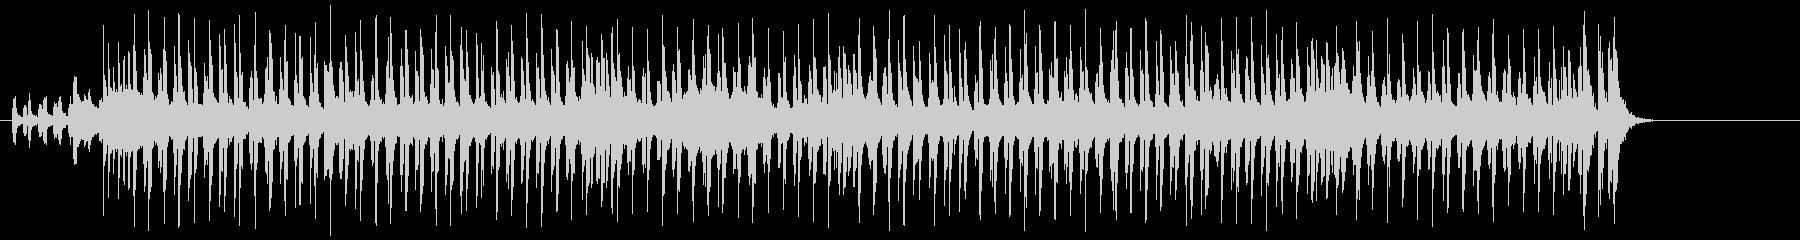 シャッフルする三味線とドライブする笛の未再生の波形